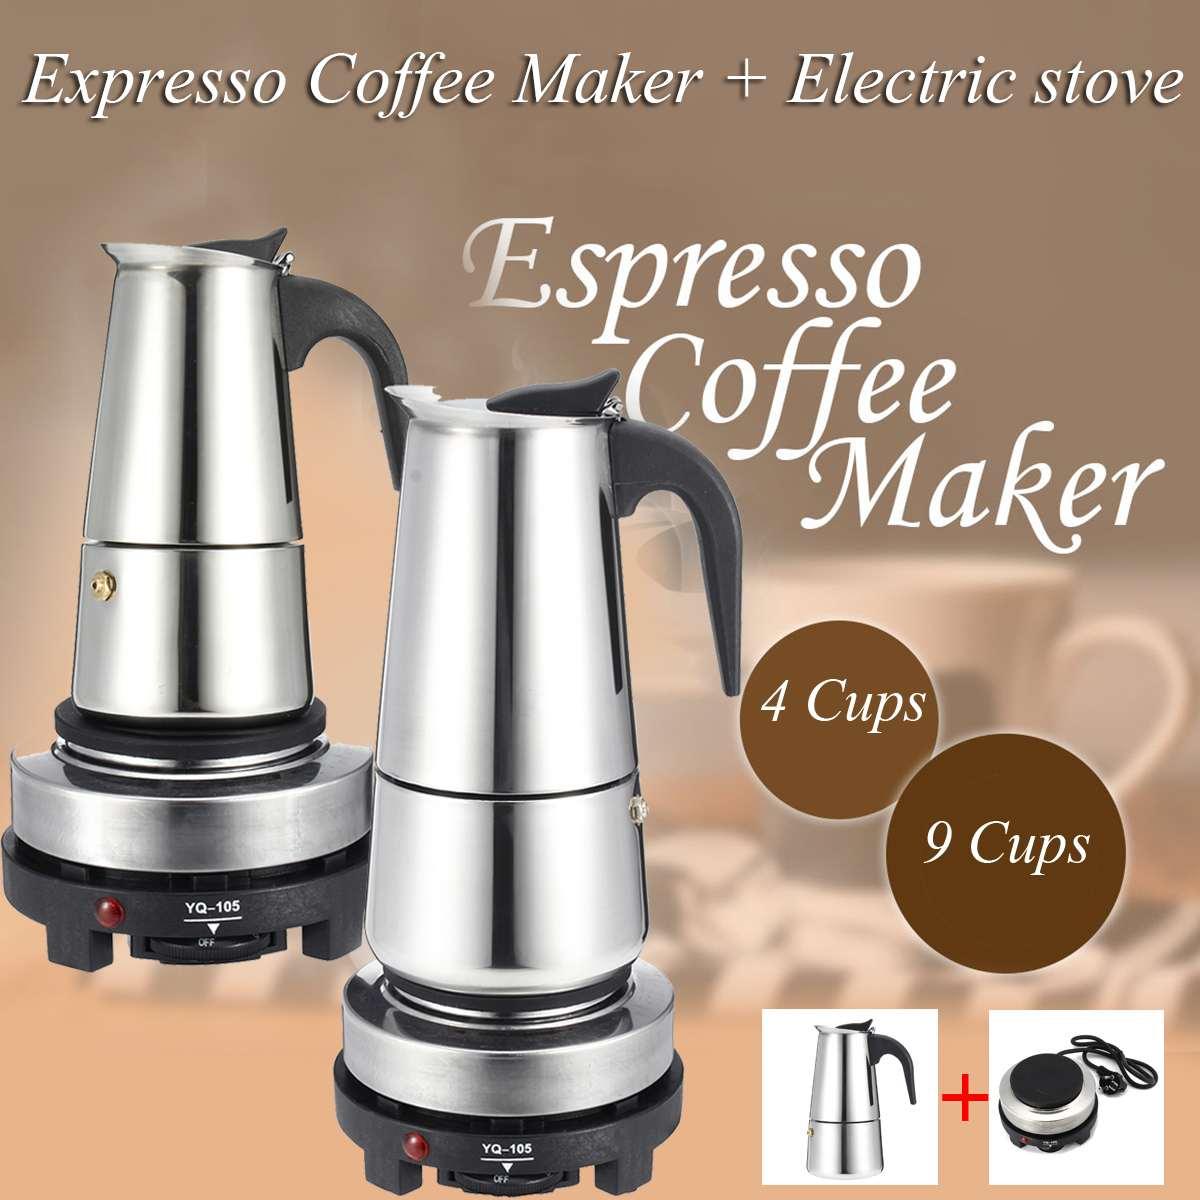 Cafetera Espresso portátil de 200/450 ml, cafetera Moka de acero inoxidable con filtro eléctrico, cafetera percoladora, tetera